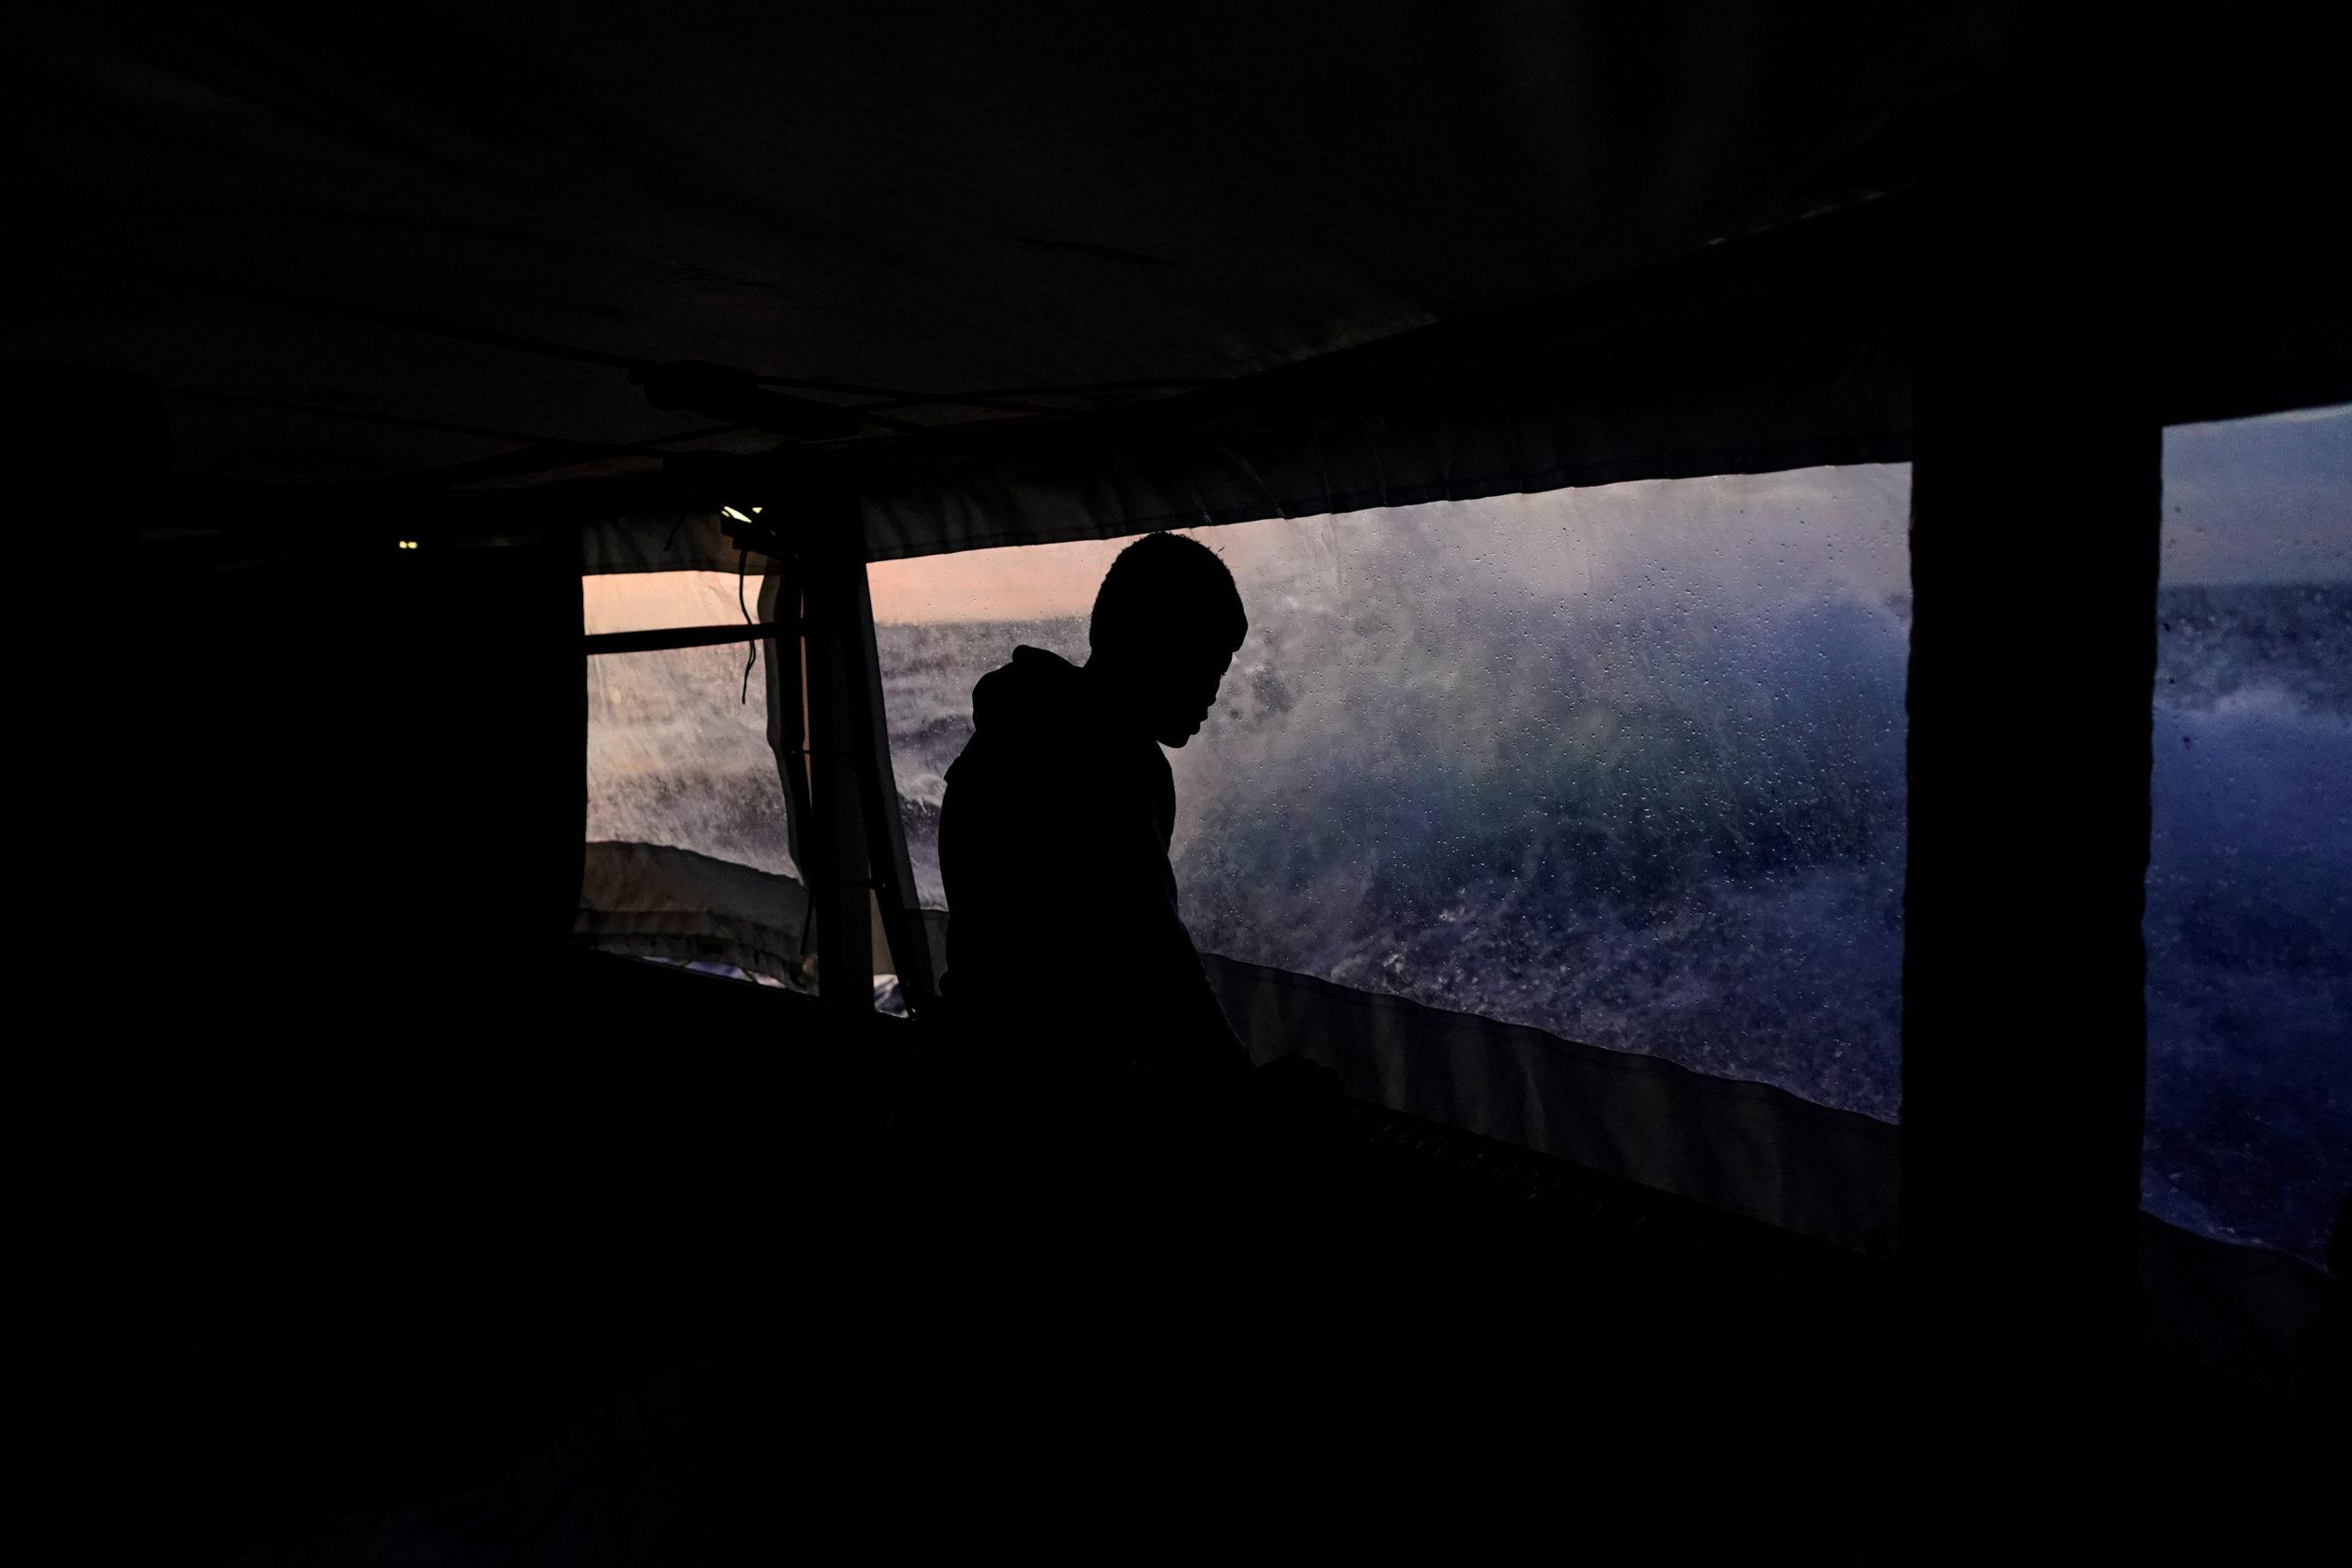 Les autorités italiennes ont accepté de laisser accoster le navire humanitaire Open Arms avec 62 migrants africains à bord, a déclaré dimanche un dirigeant de l'ONG espagnole, précisant que le bateau devrait arriver mardi matin au port de Tarente. /Photo prise le 23 novembre 2019/REUTERS/Juan Medina